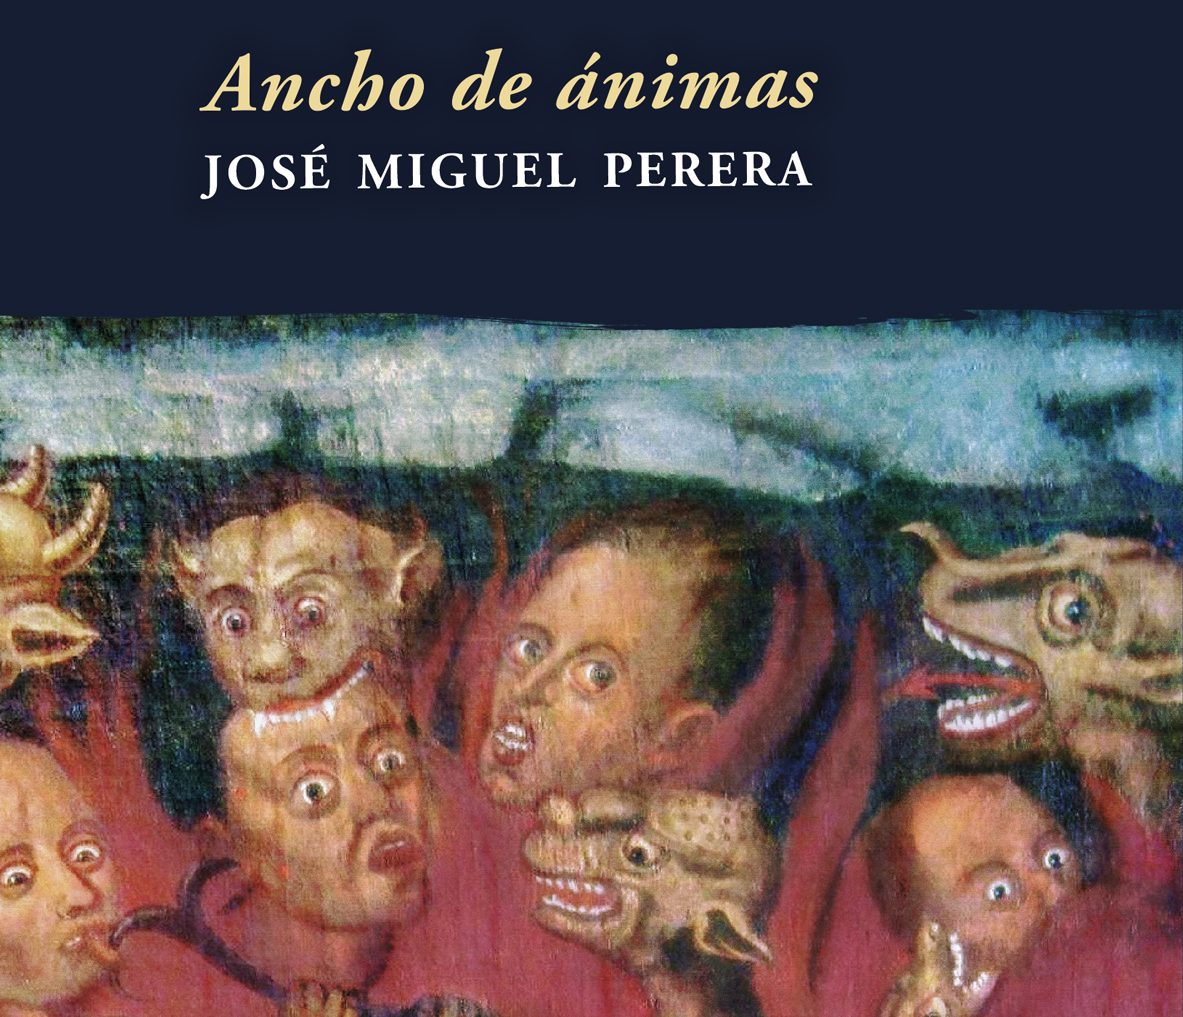 La Casa-Museo Tomás Morales acoge la presentación del poemario 'Ancho de ánimas', de José Miguel Perera, sobre el respeto a lo diferente